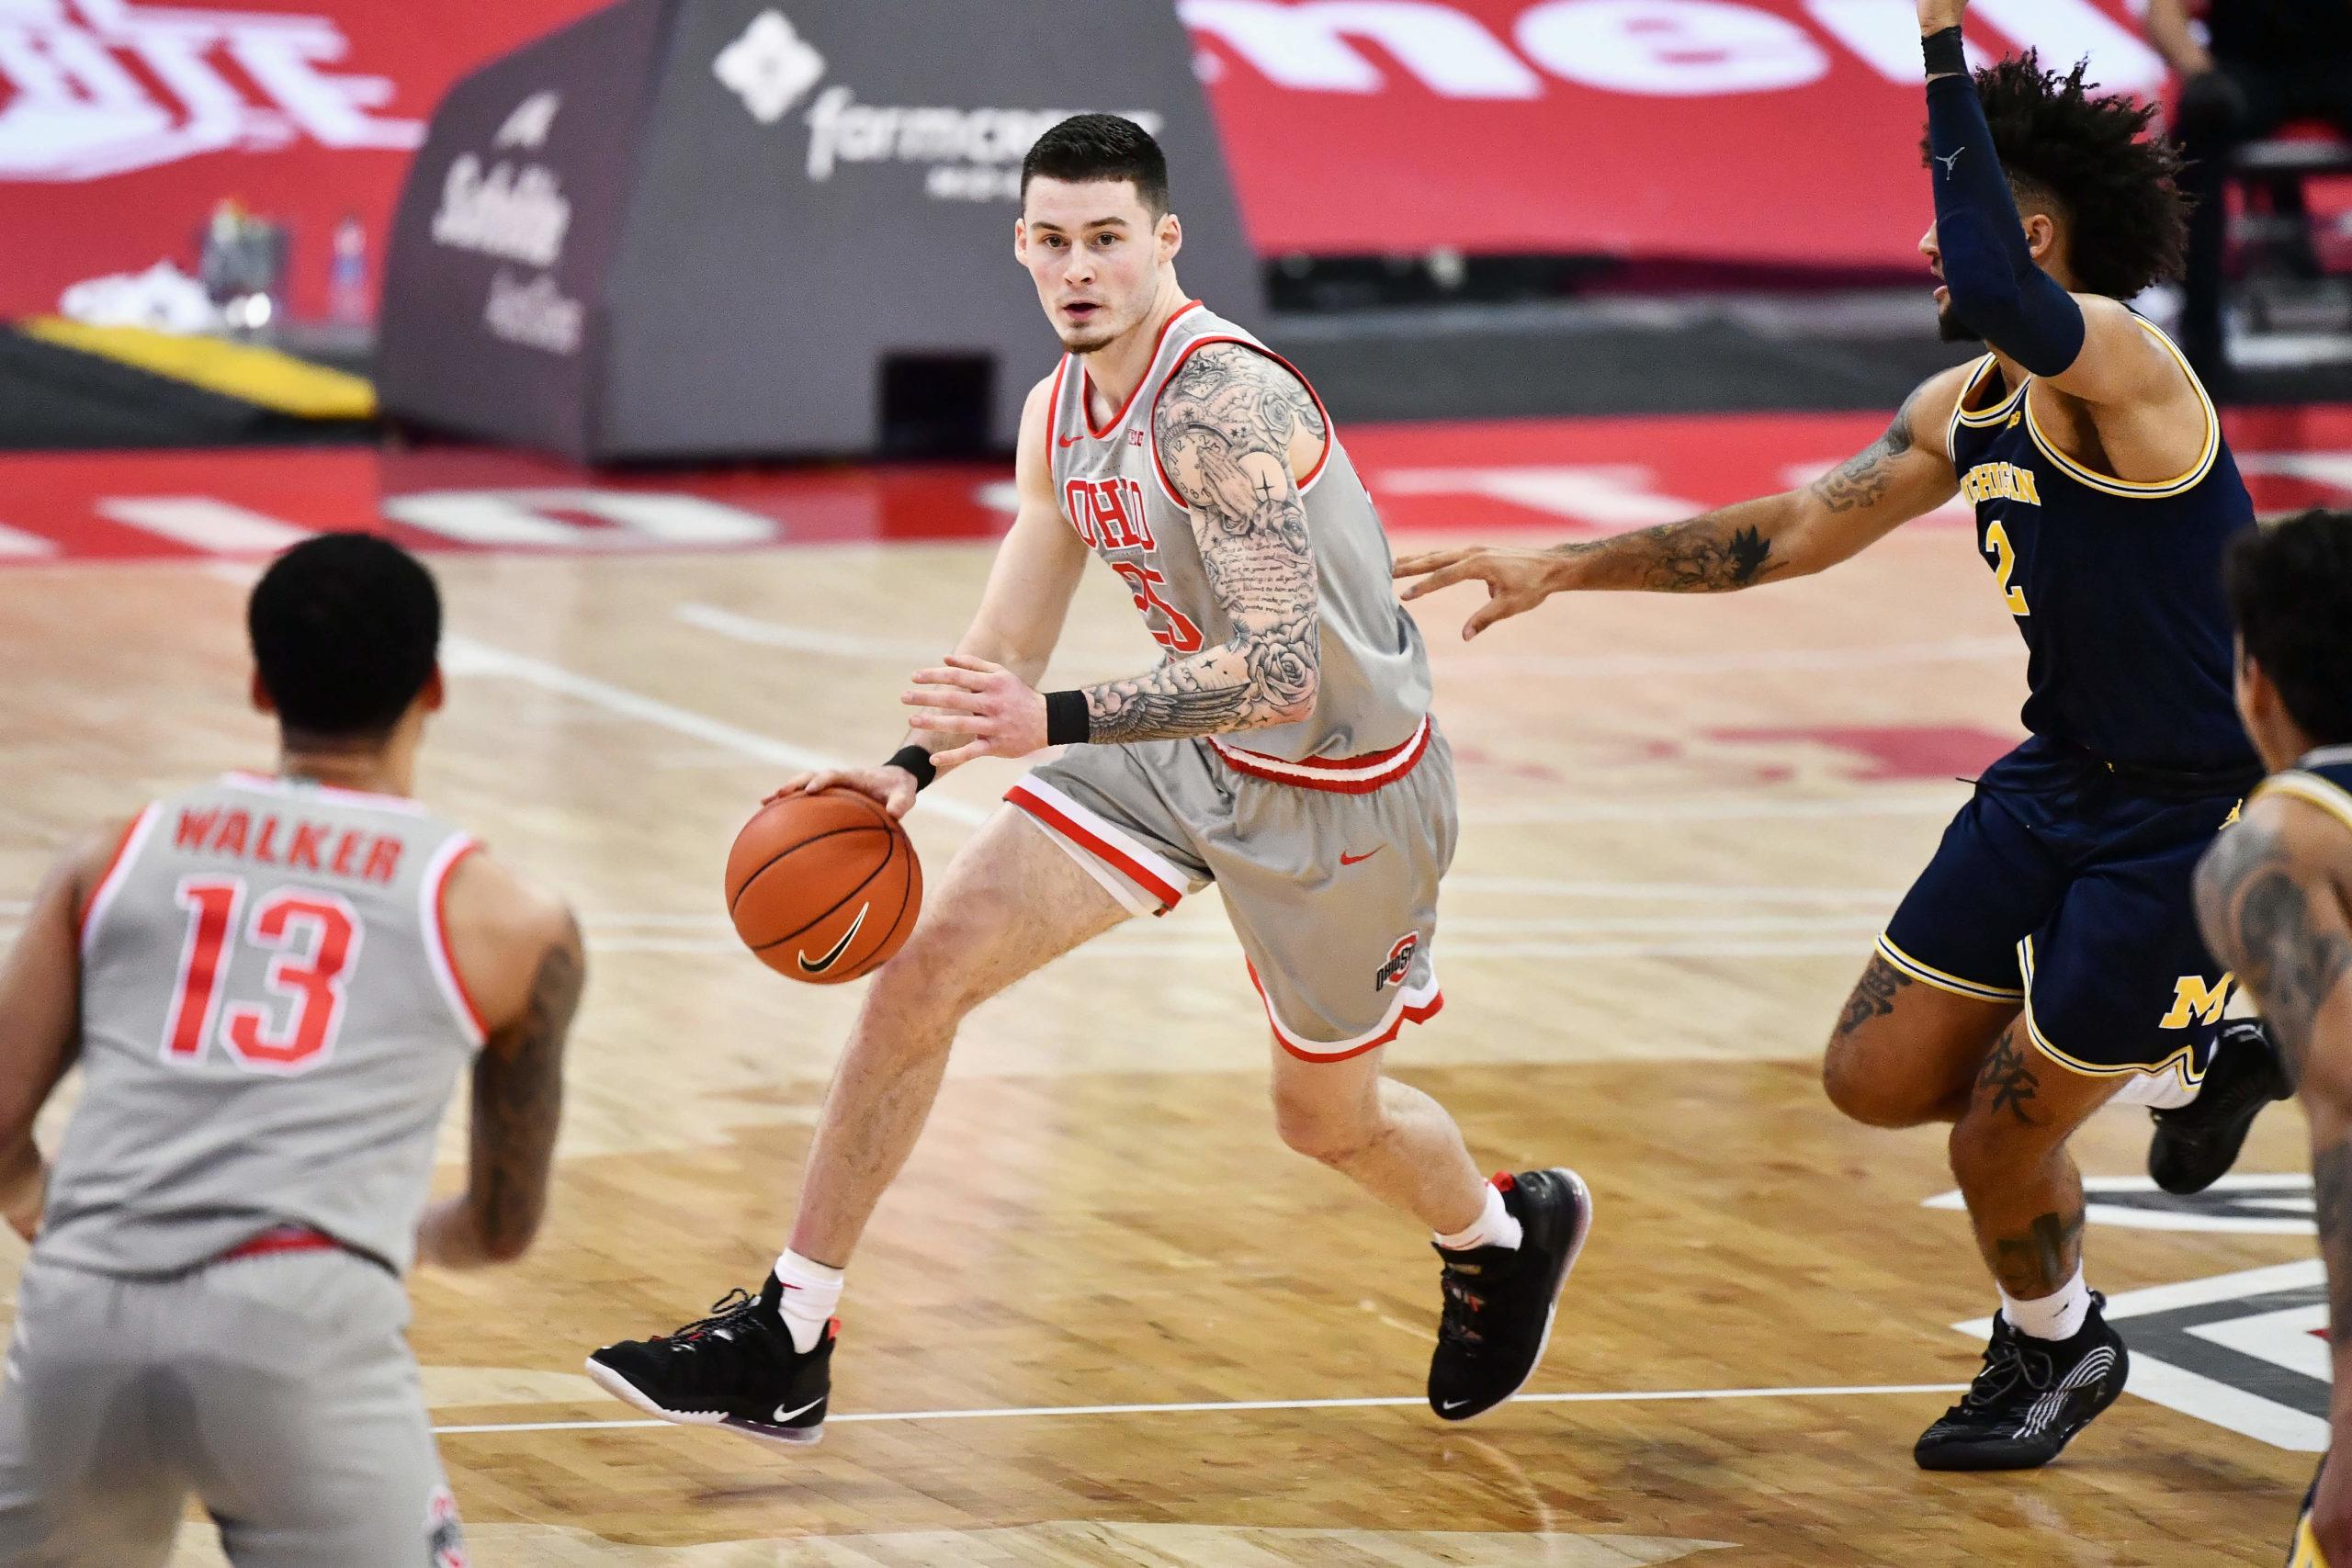 Kyle-Young-Ohio-State-Buckeyes-Basketball